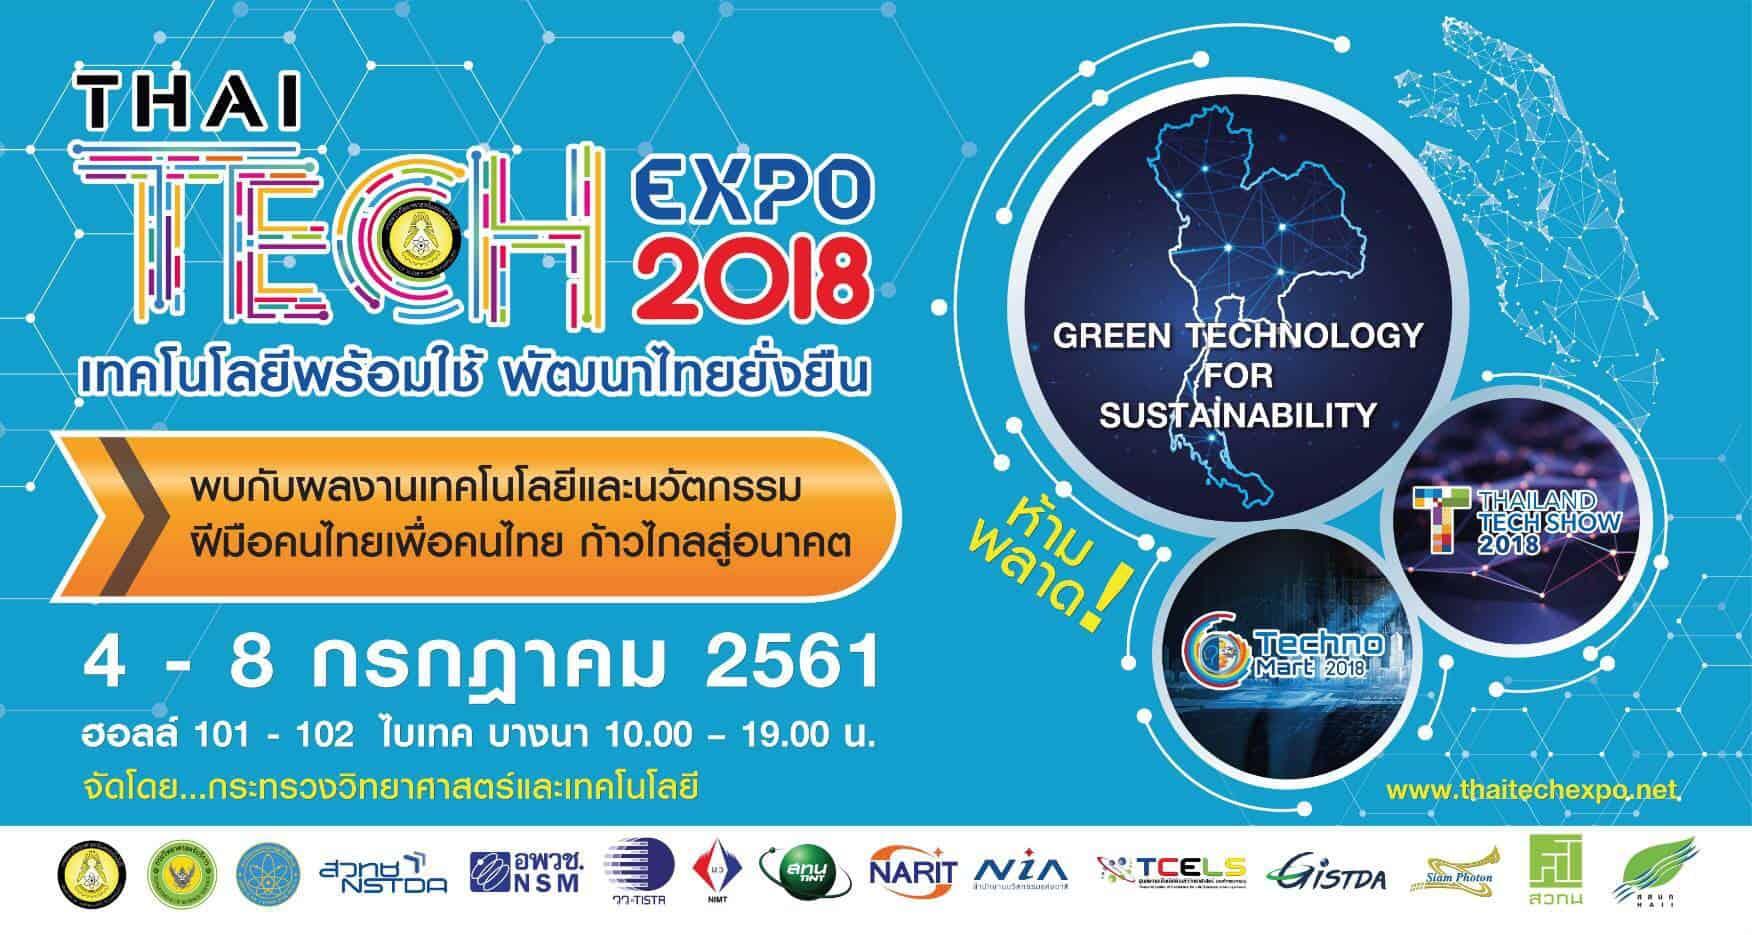 thai tech expo 2018